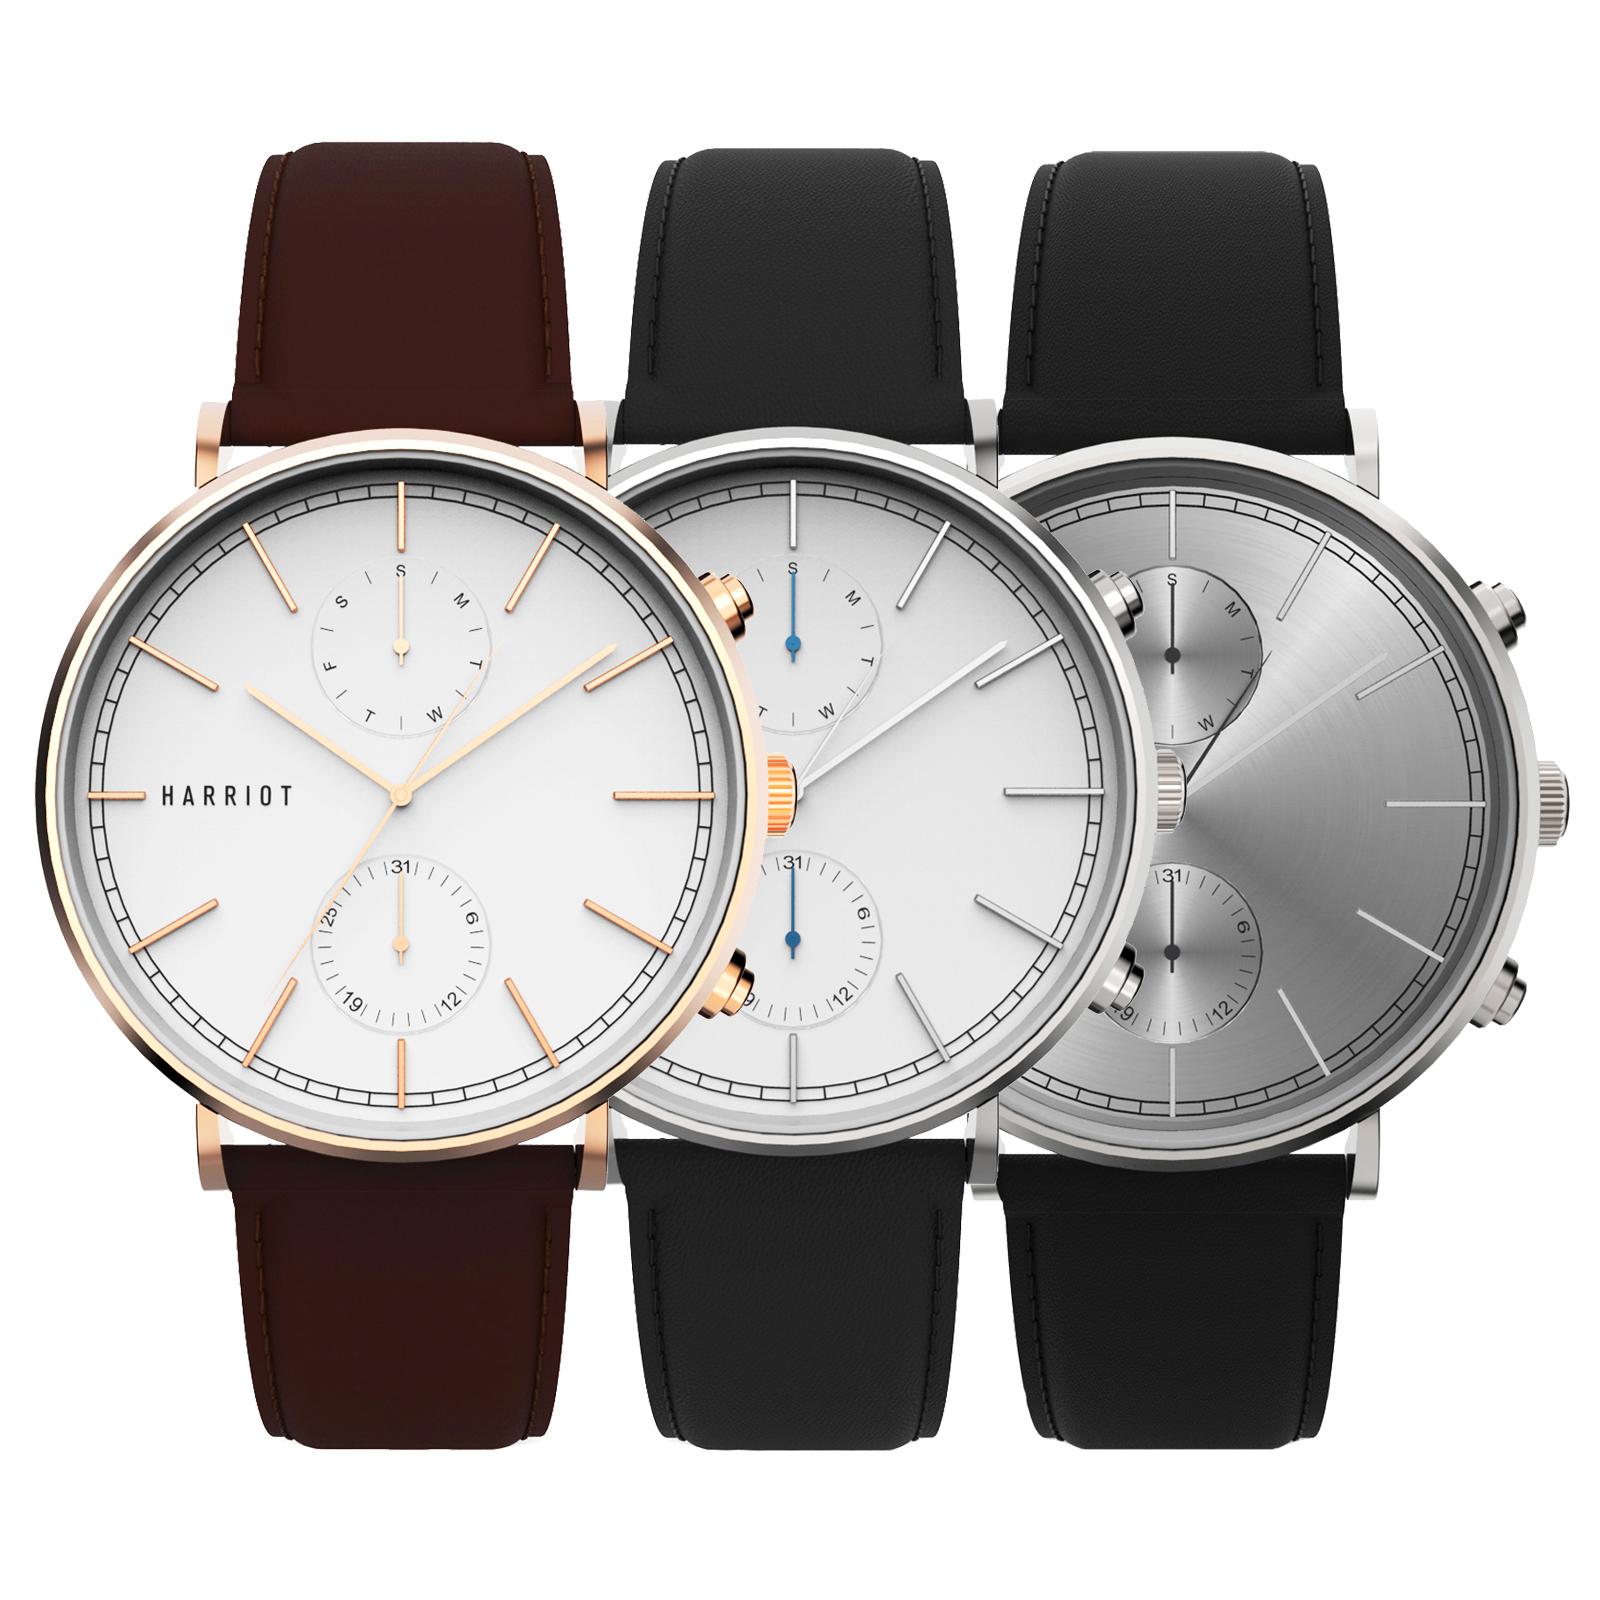 HARRIOT 성산 컬렉션 시계